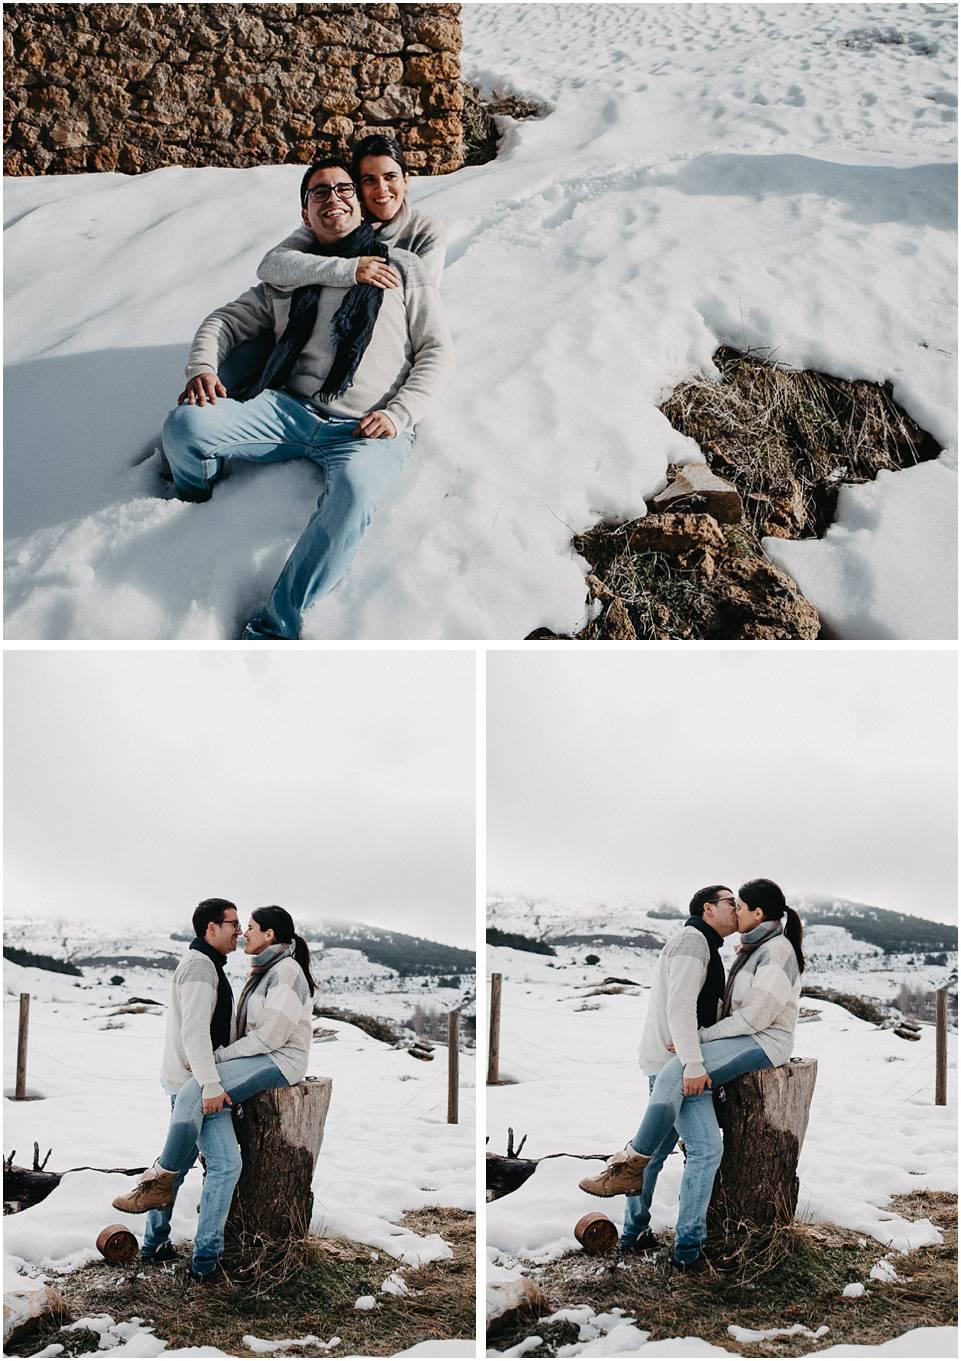 una pareja en la nieve